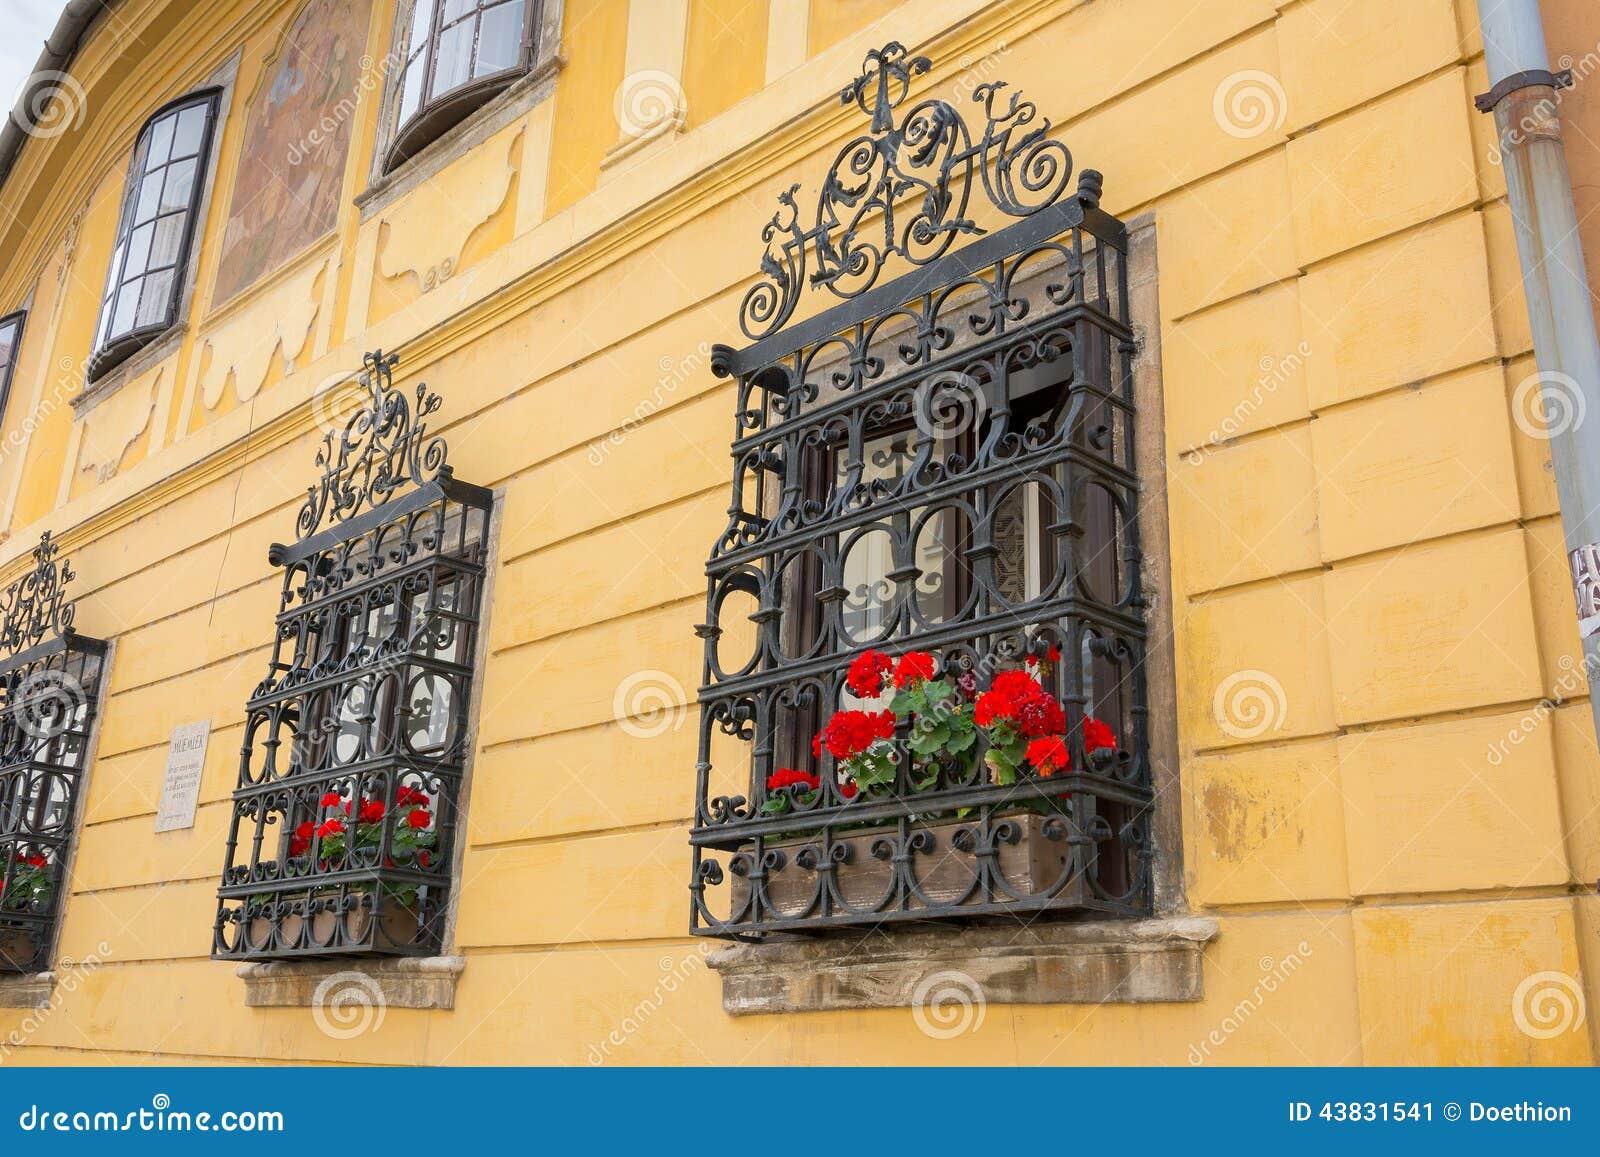 #C00B0C Foto de Stock: Obturadores ornamentado da janela do ferro forjado 566 Janelas Em Arco De Ferro